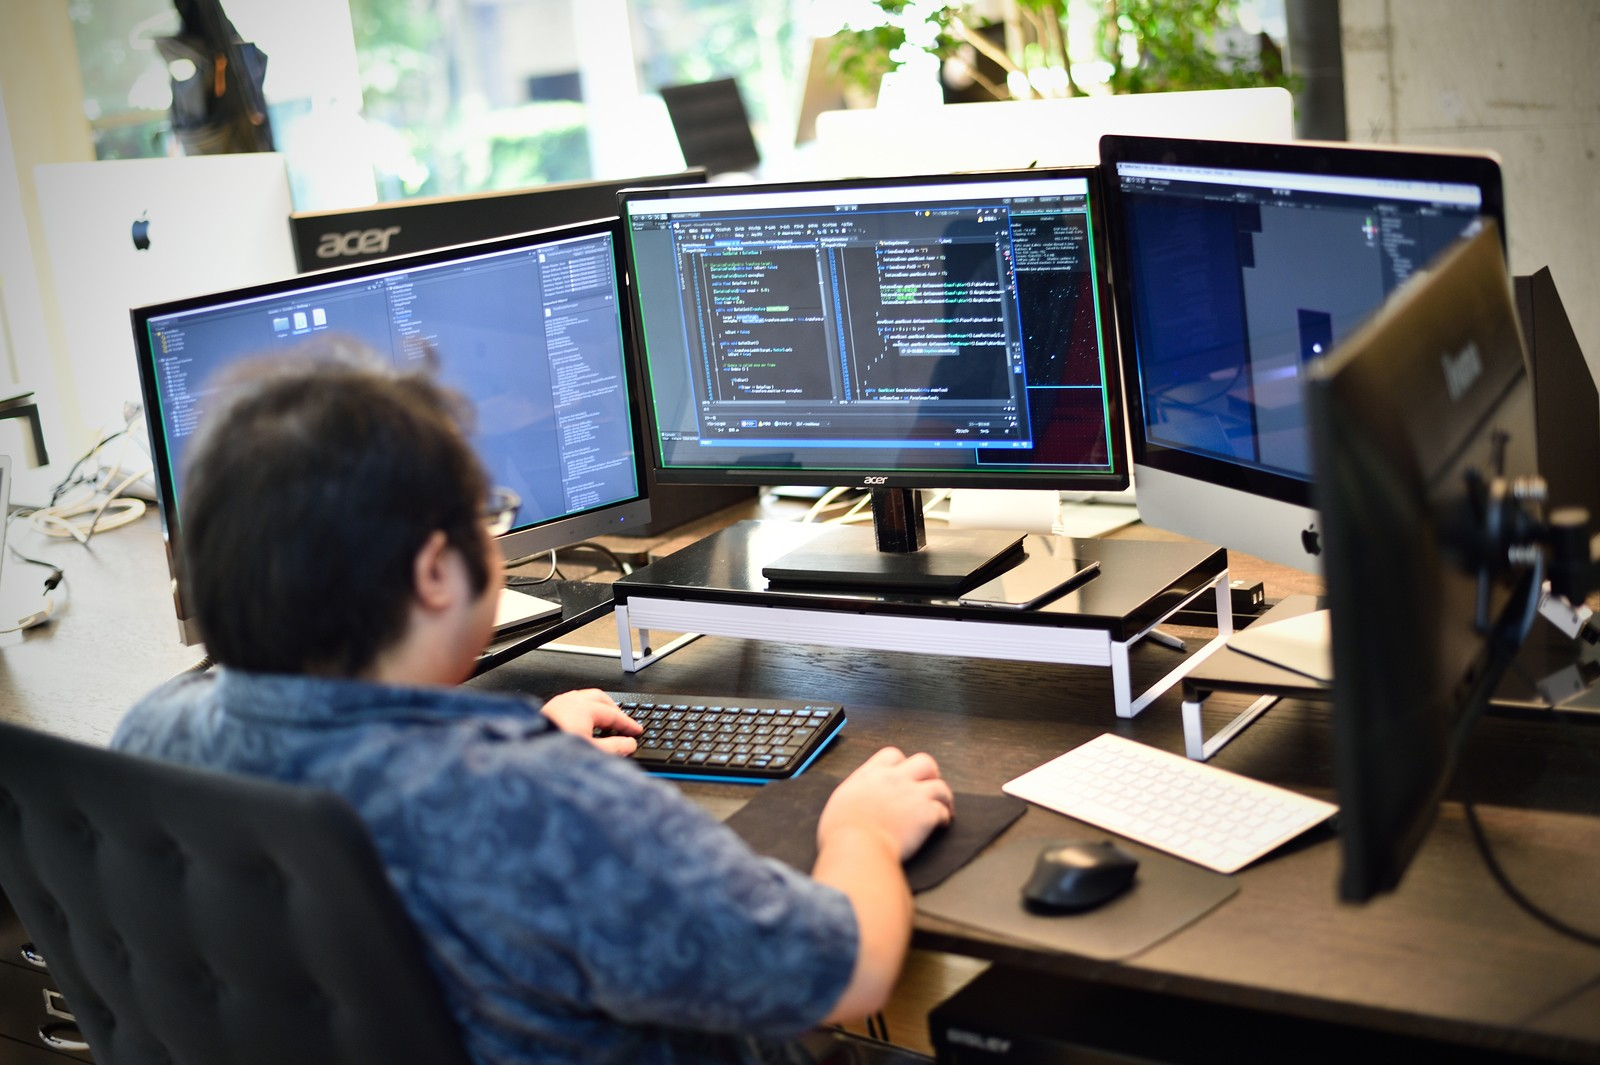 グローバル展開中の人気アプリ「ポケサカ」および新規サービスに携わるUnityエンジニア募集!